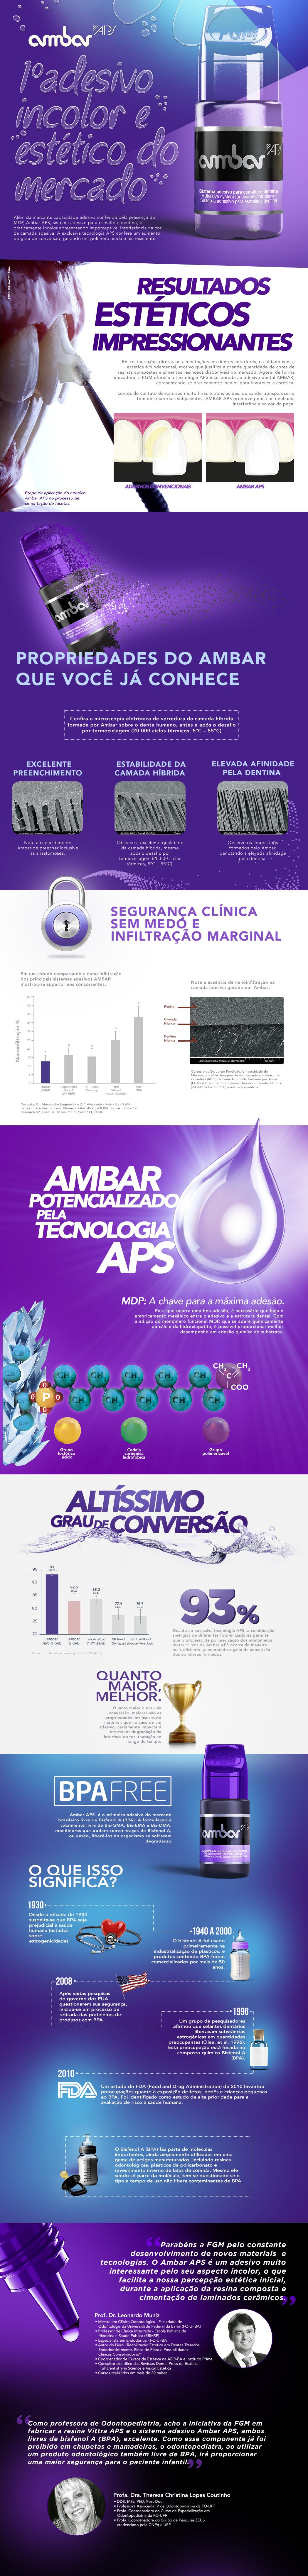 Infográfico do produto Adesivo Ambar APS 6ml